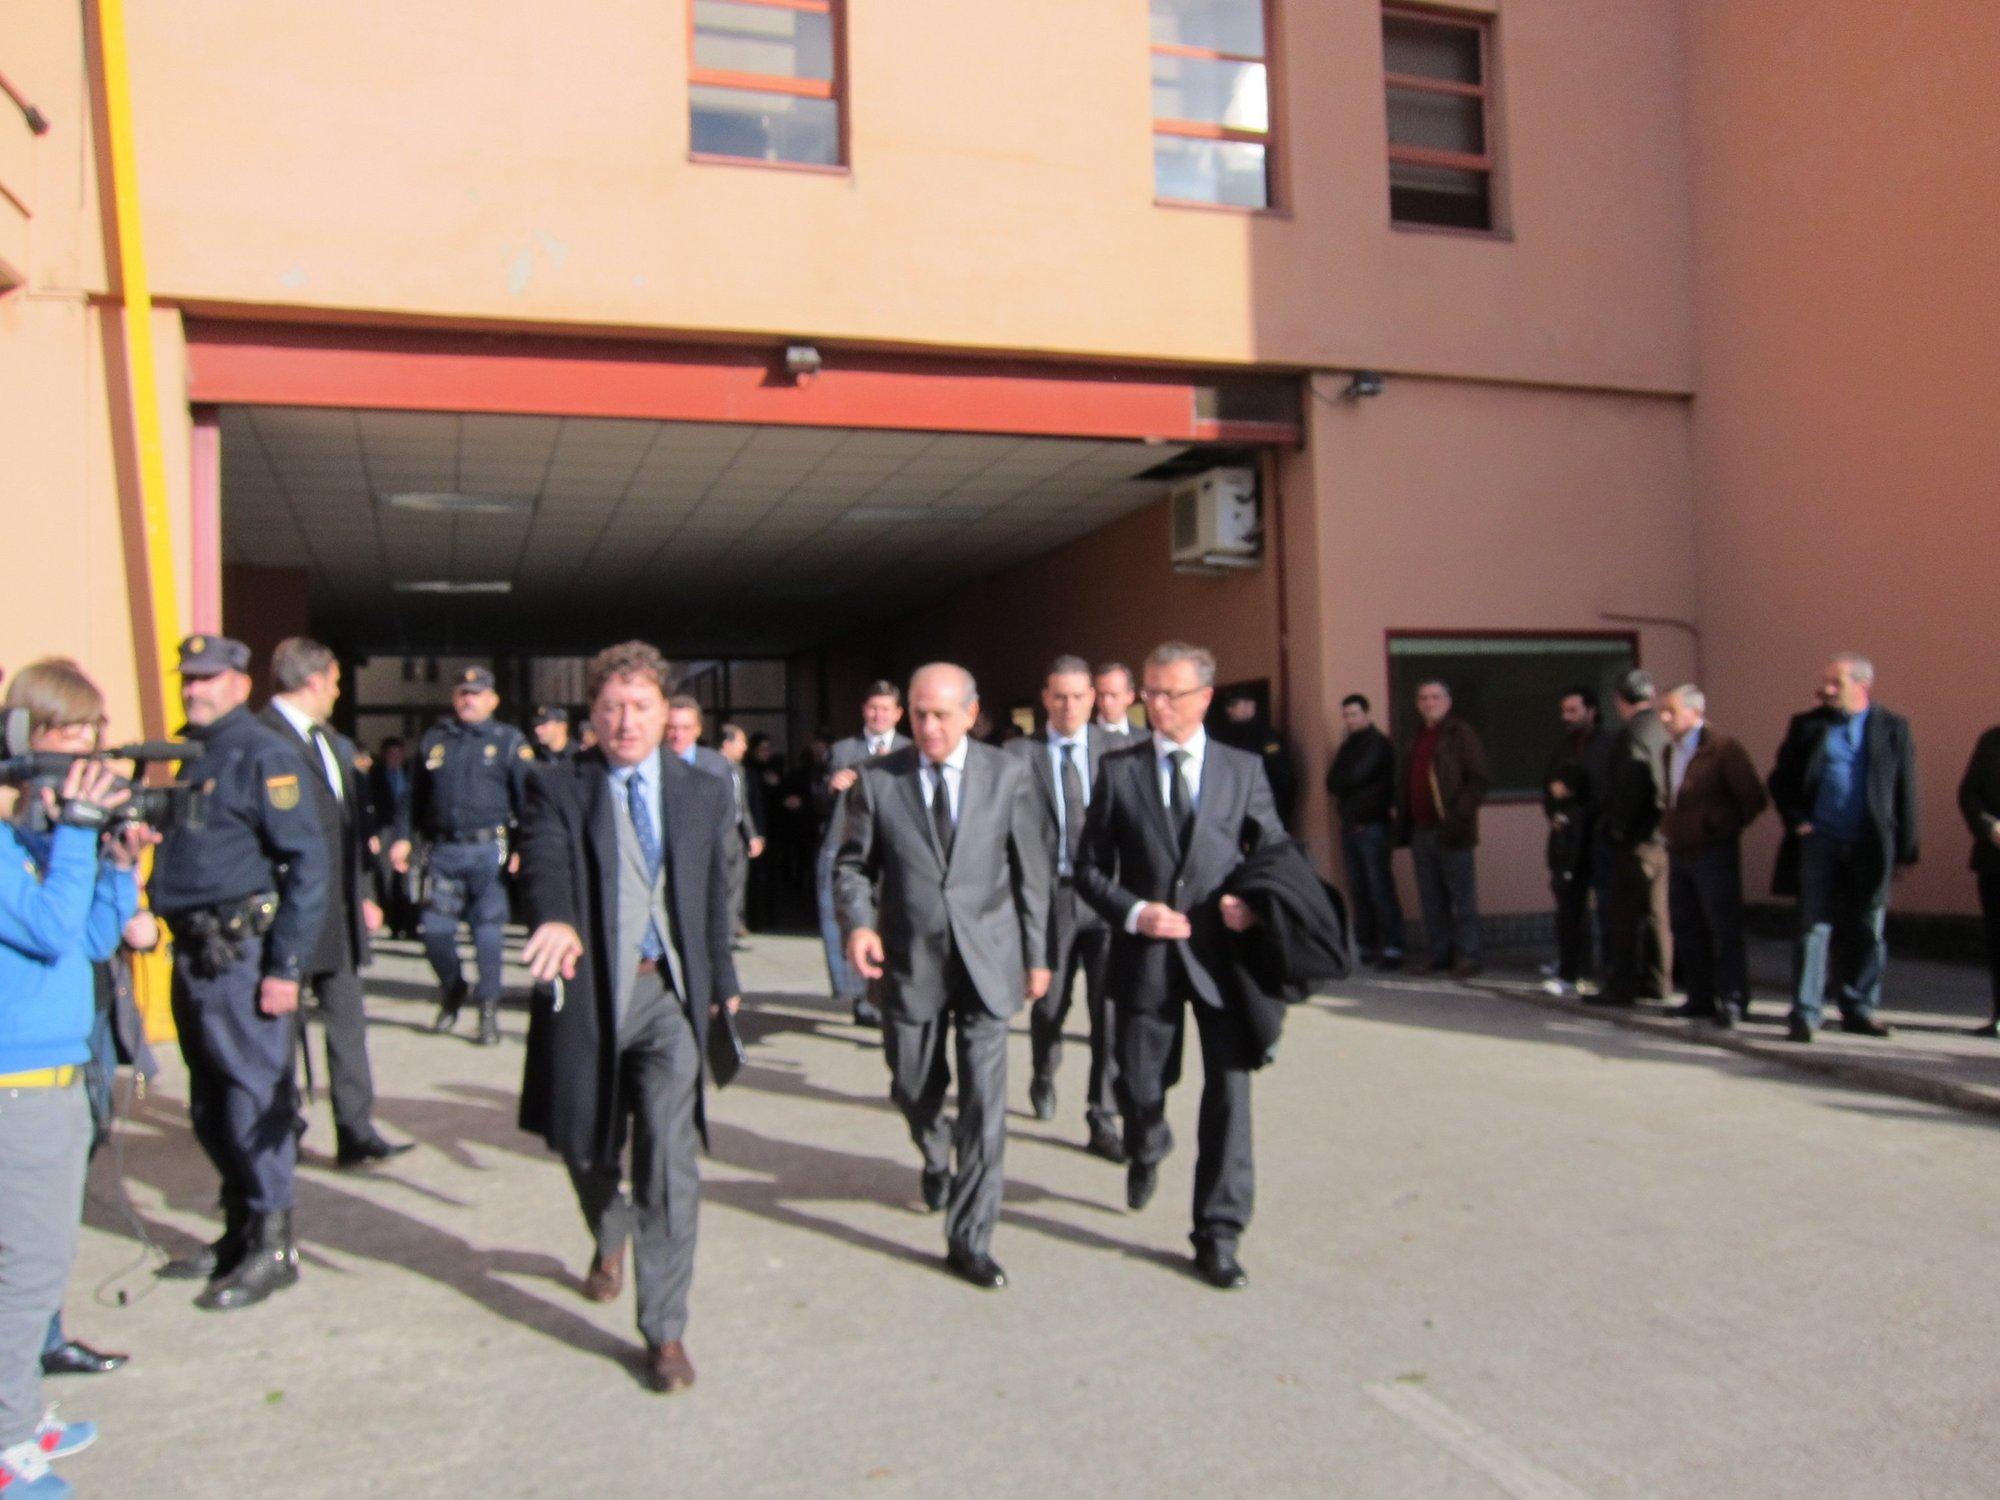 El embajador eslovaco valora el «sacrificio» y la «vocación al servicio de los humanos» de los policías de A Coruña